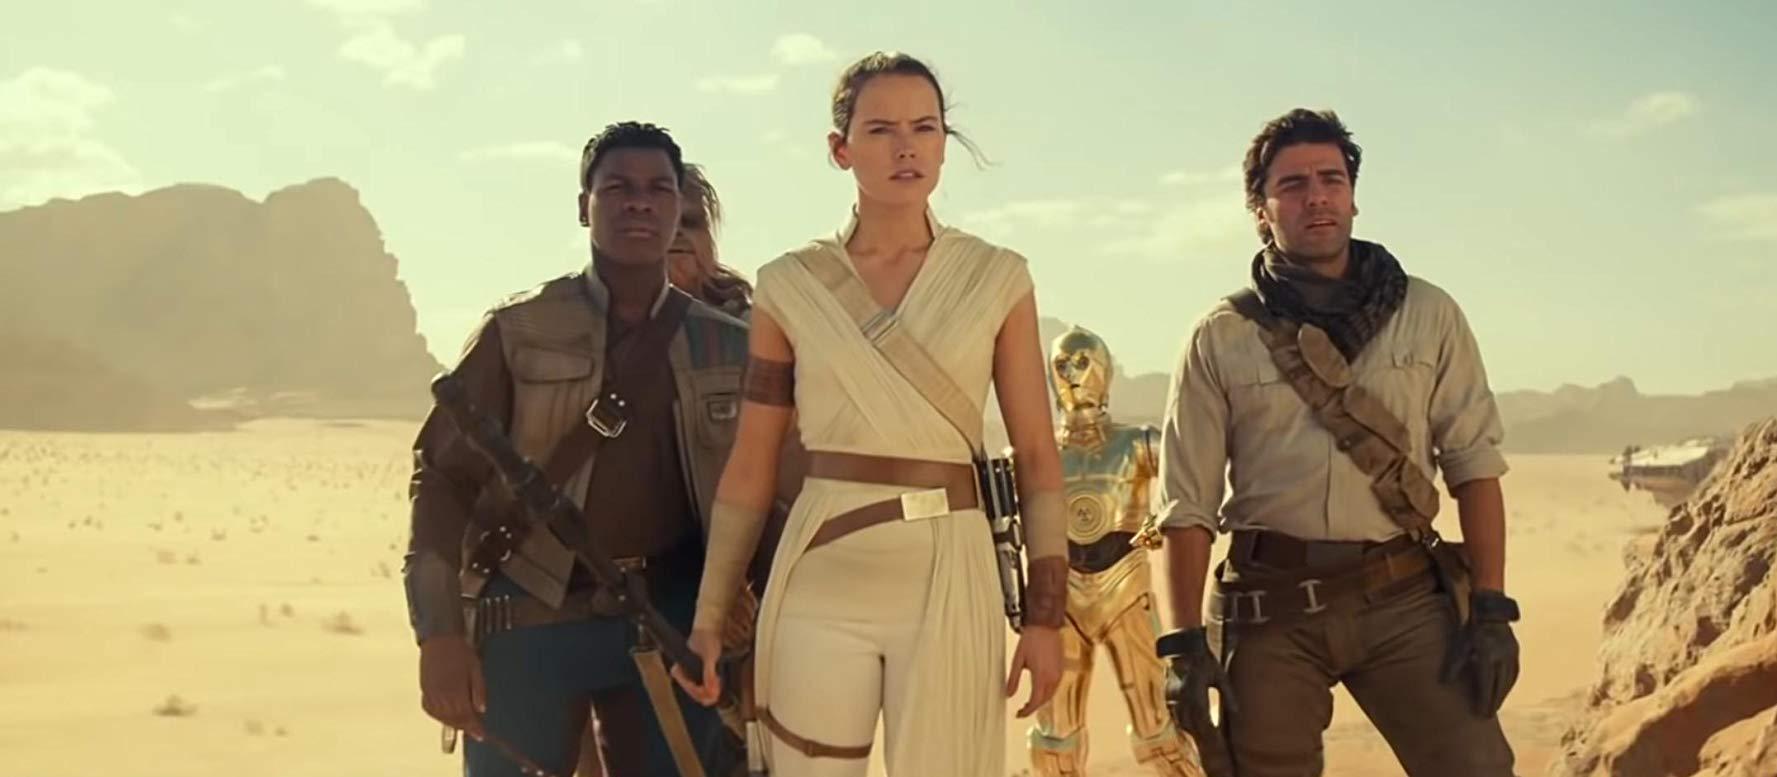 Star Wars: novo clipe traz fuga no deserto e troopers voadores